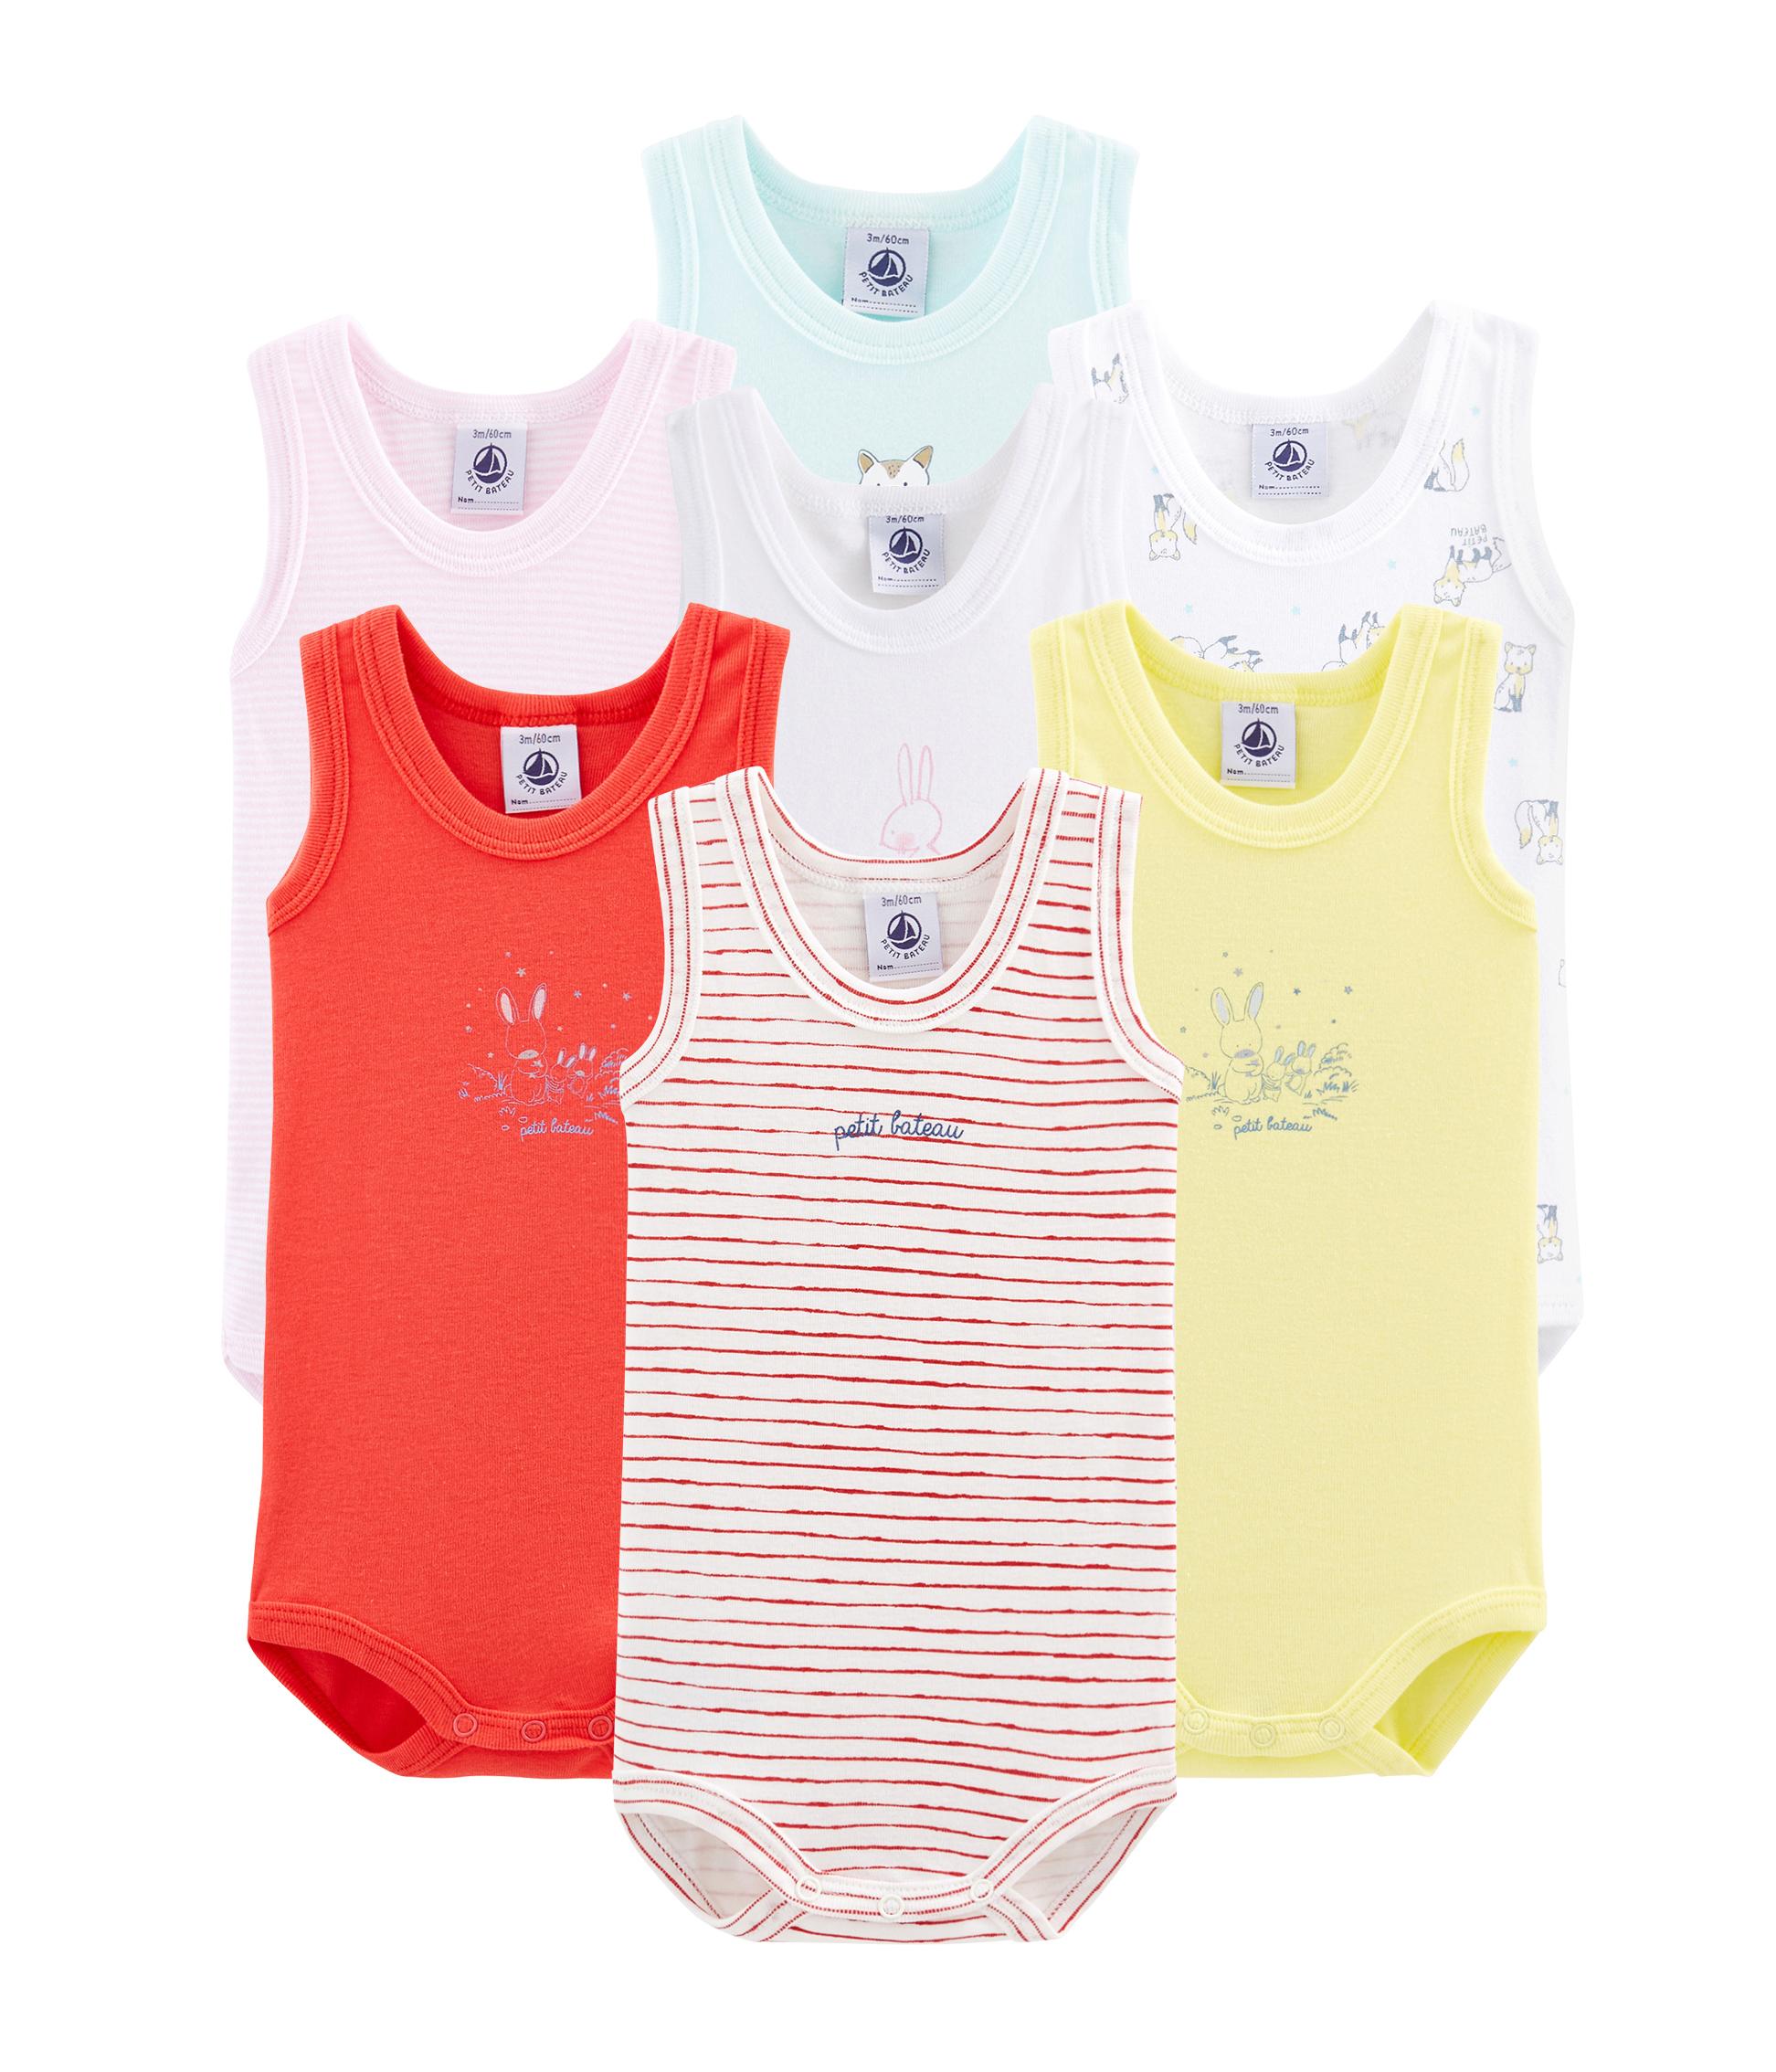 Überraschungstüte mit 7 ärmellosen baby-bodys für jungen